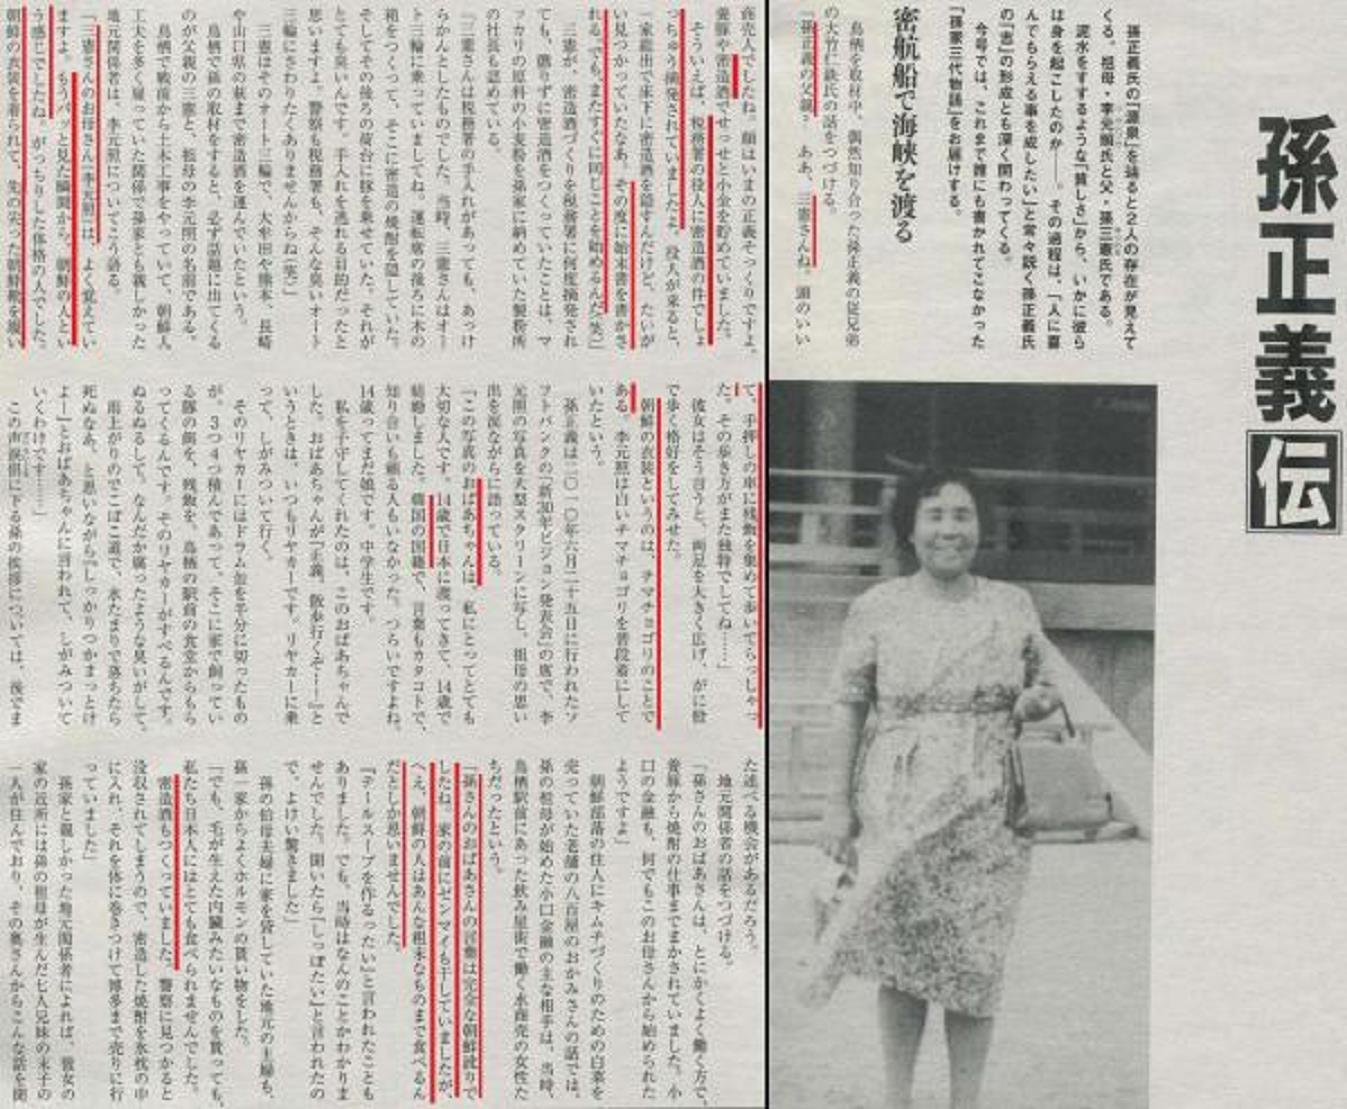 yasumoto-saga-tosu.jpg